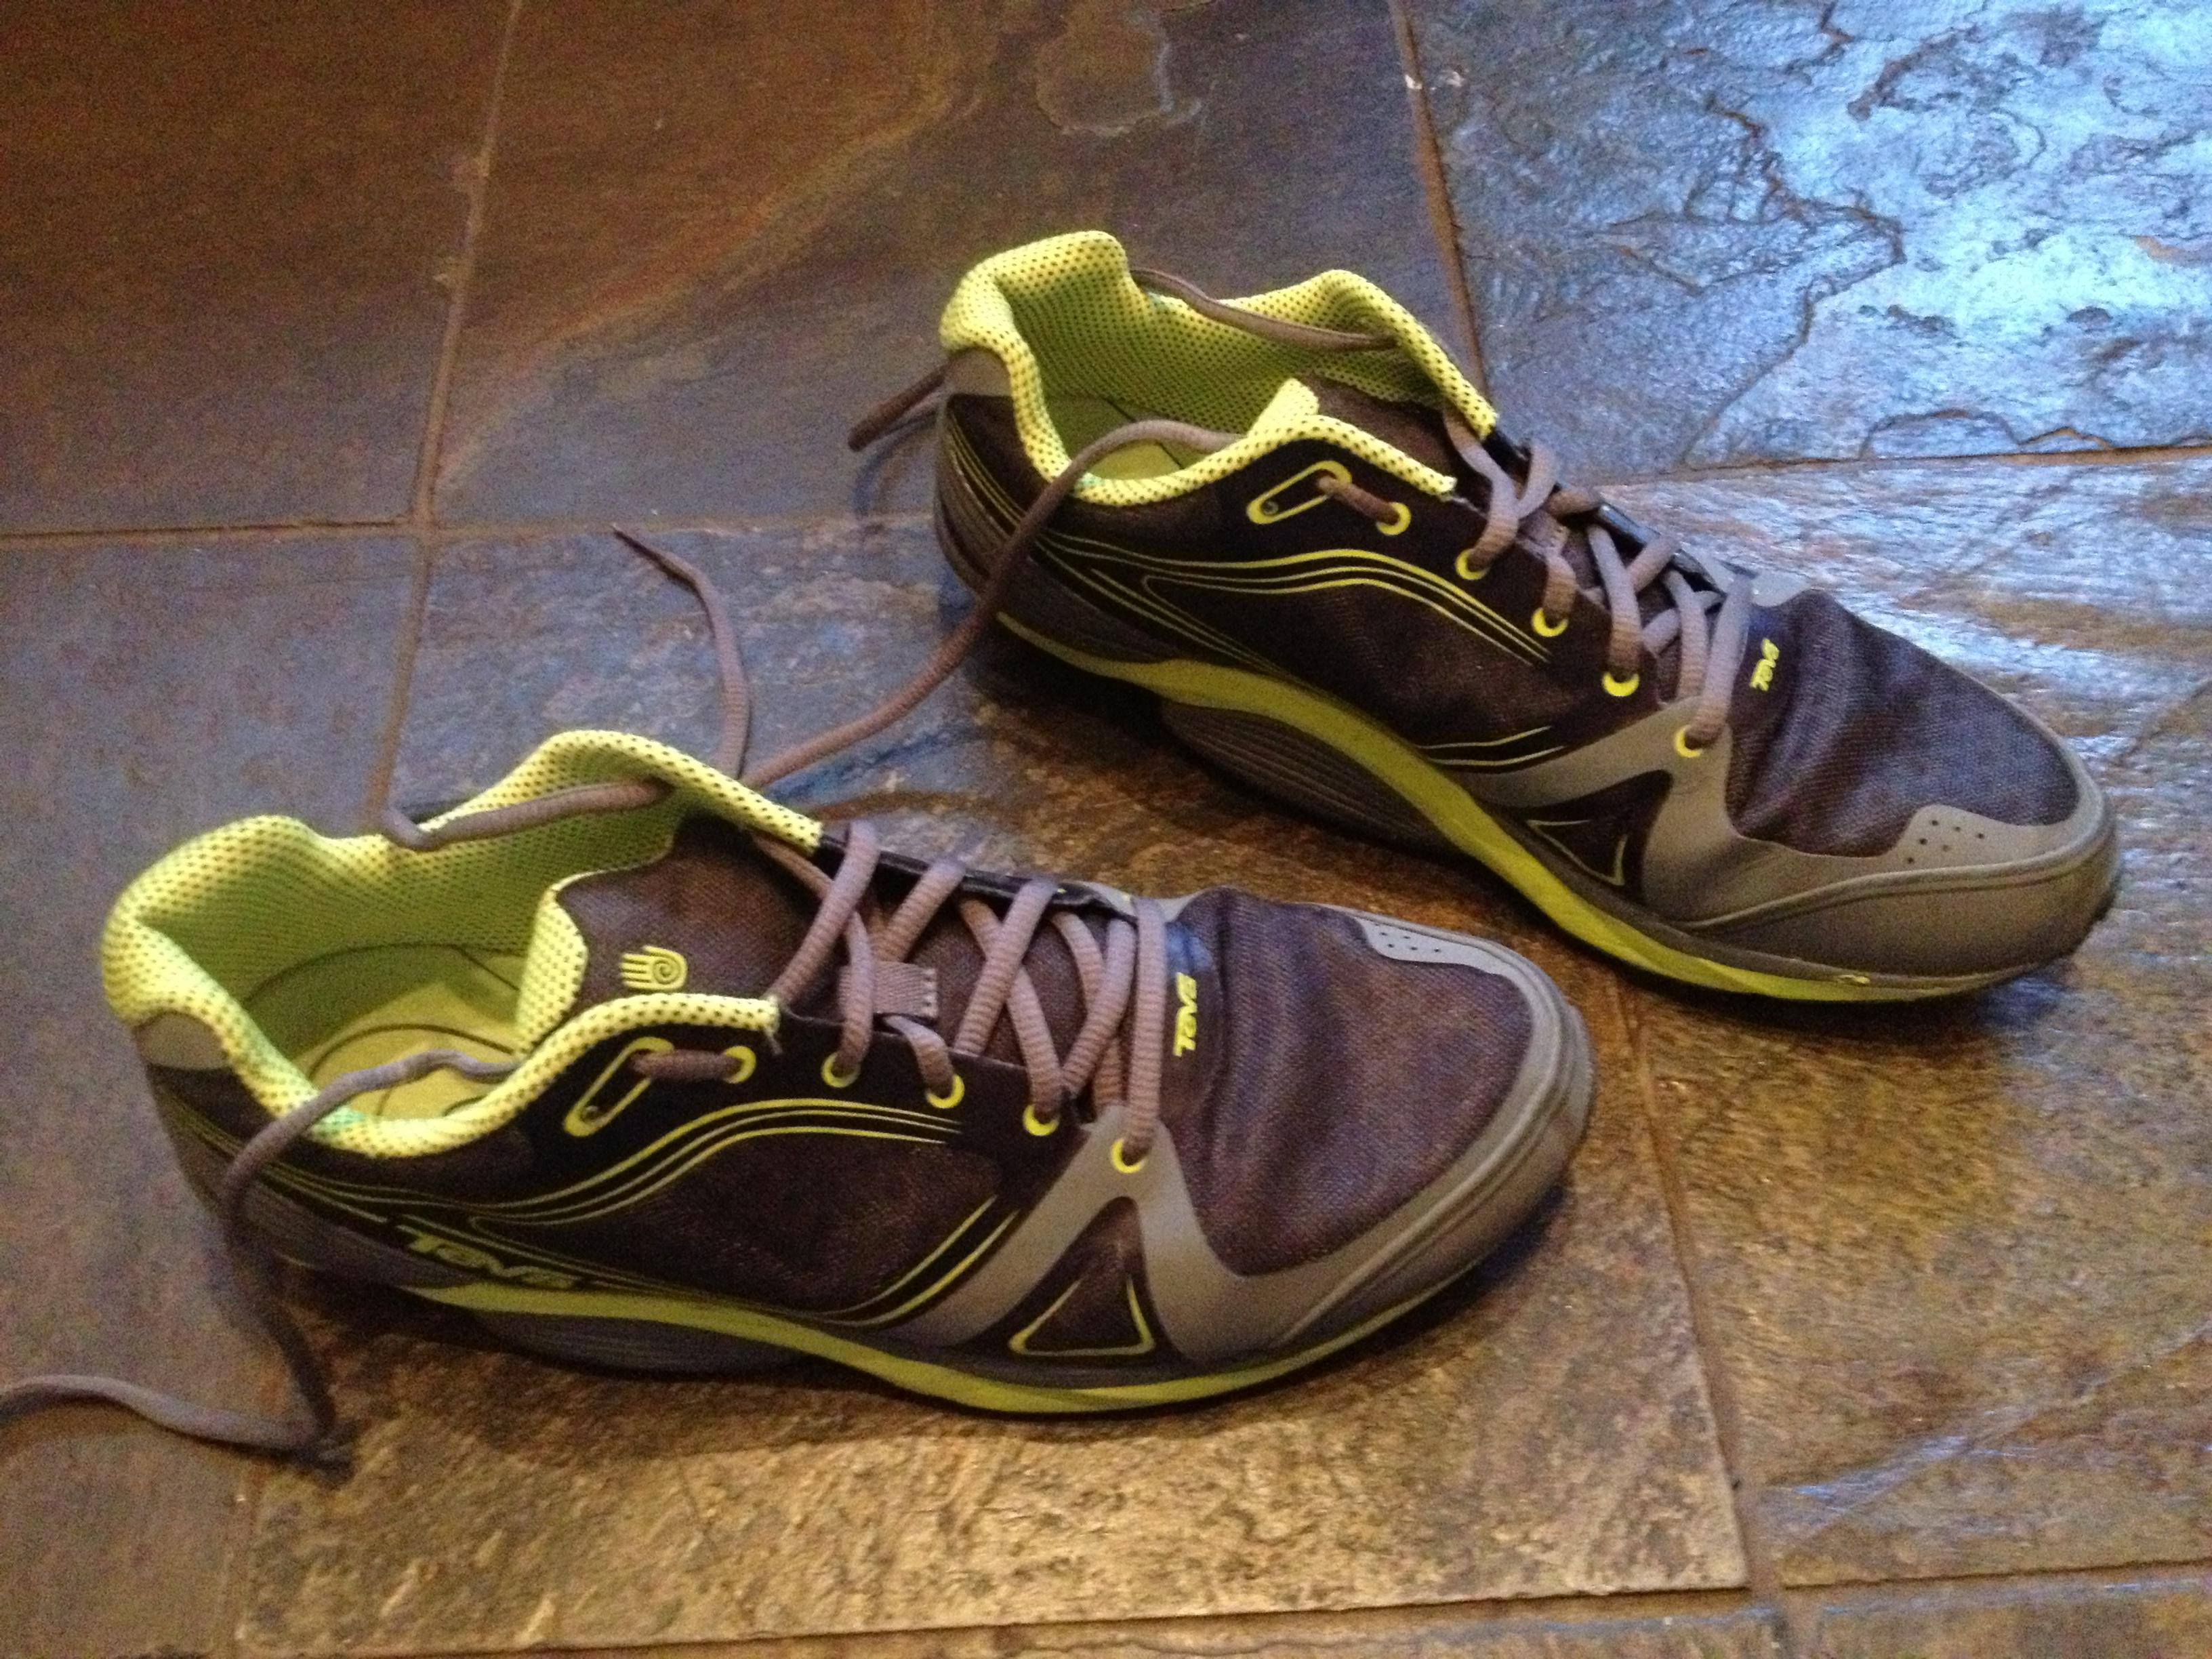 TevaSphere Speed, Teva Sphere, TevaSphere's, Running Shoes, Running Shoe, Fitness Equipment